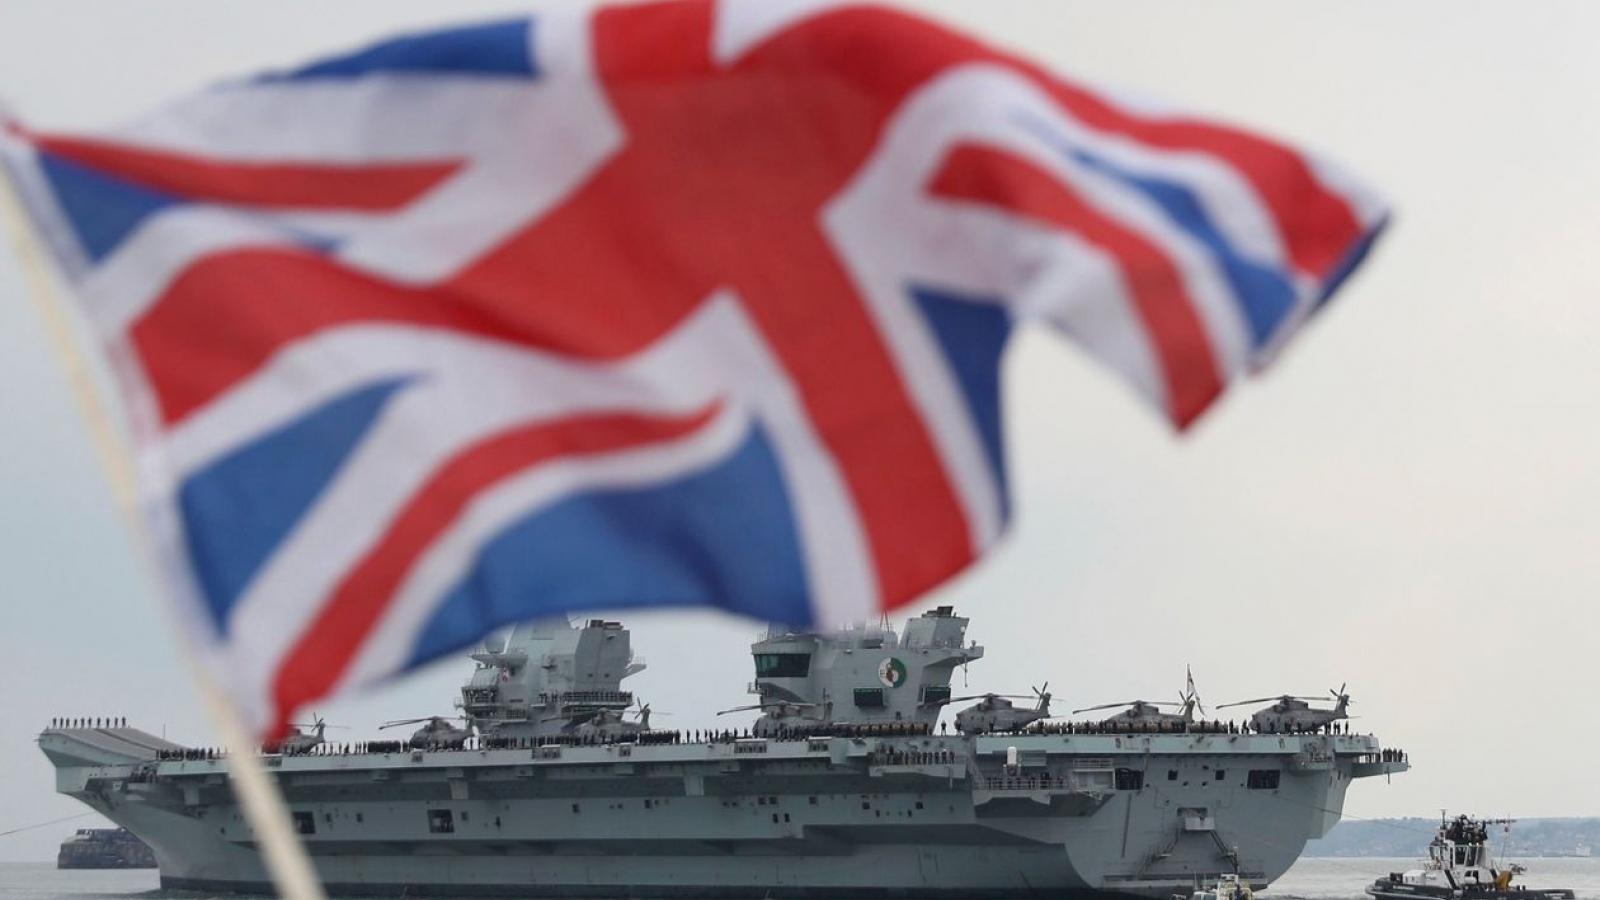 """Châu Âu lo lắng, Mỹ mừng thầm trước chiến lược của Anh dùng hải quân làm """"át chủ bài"""""""